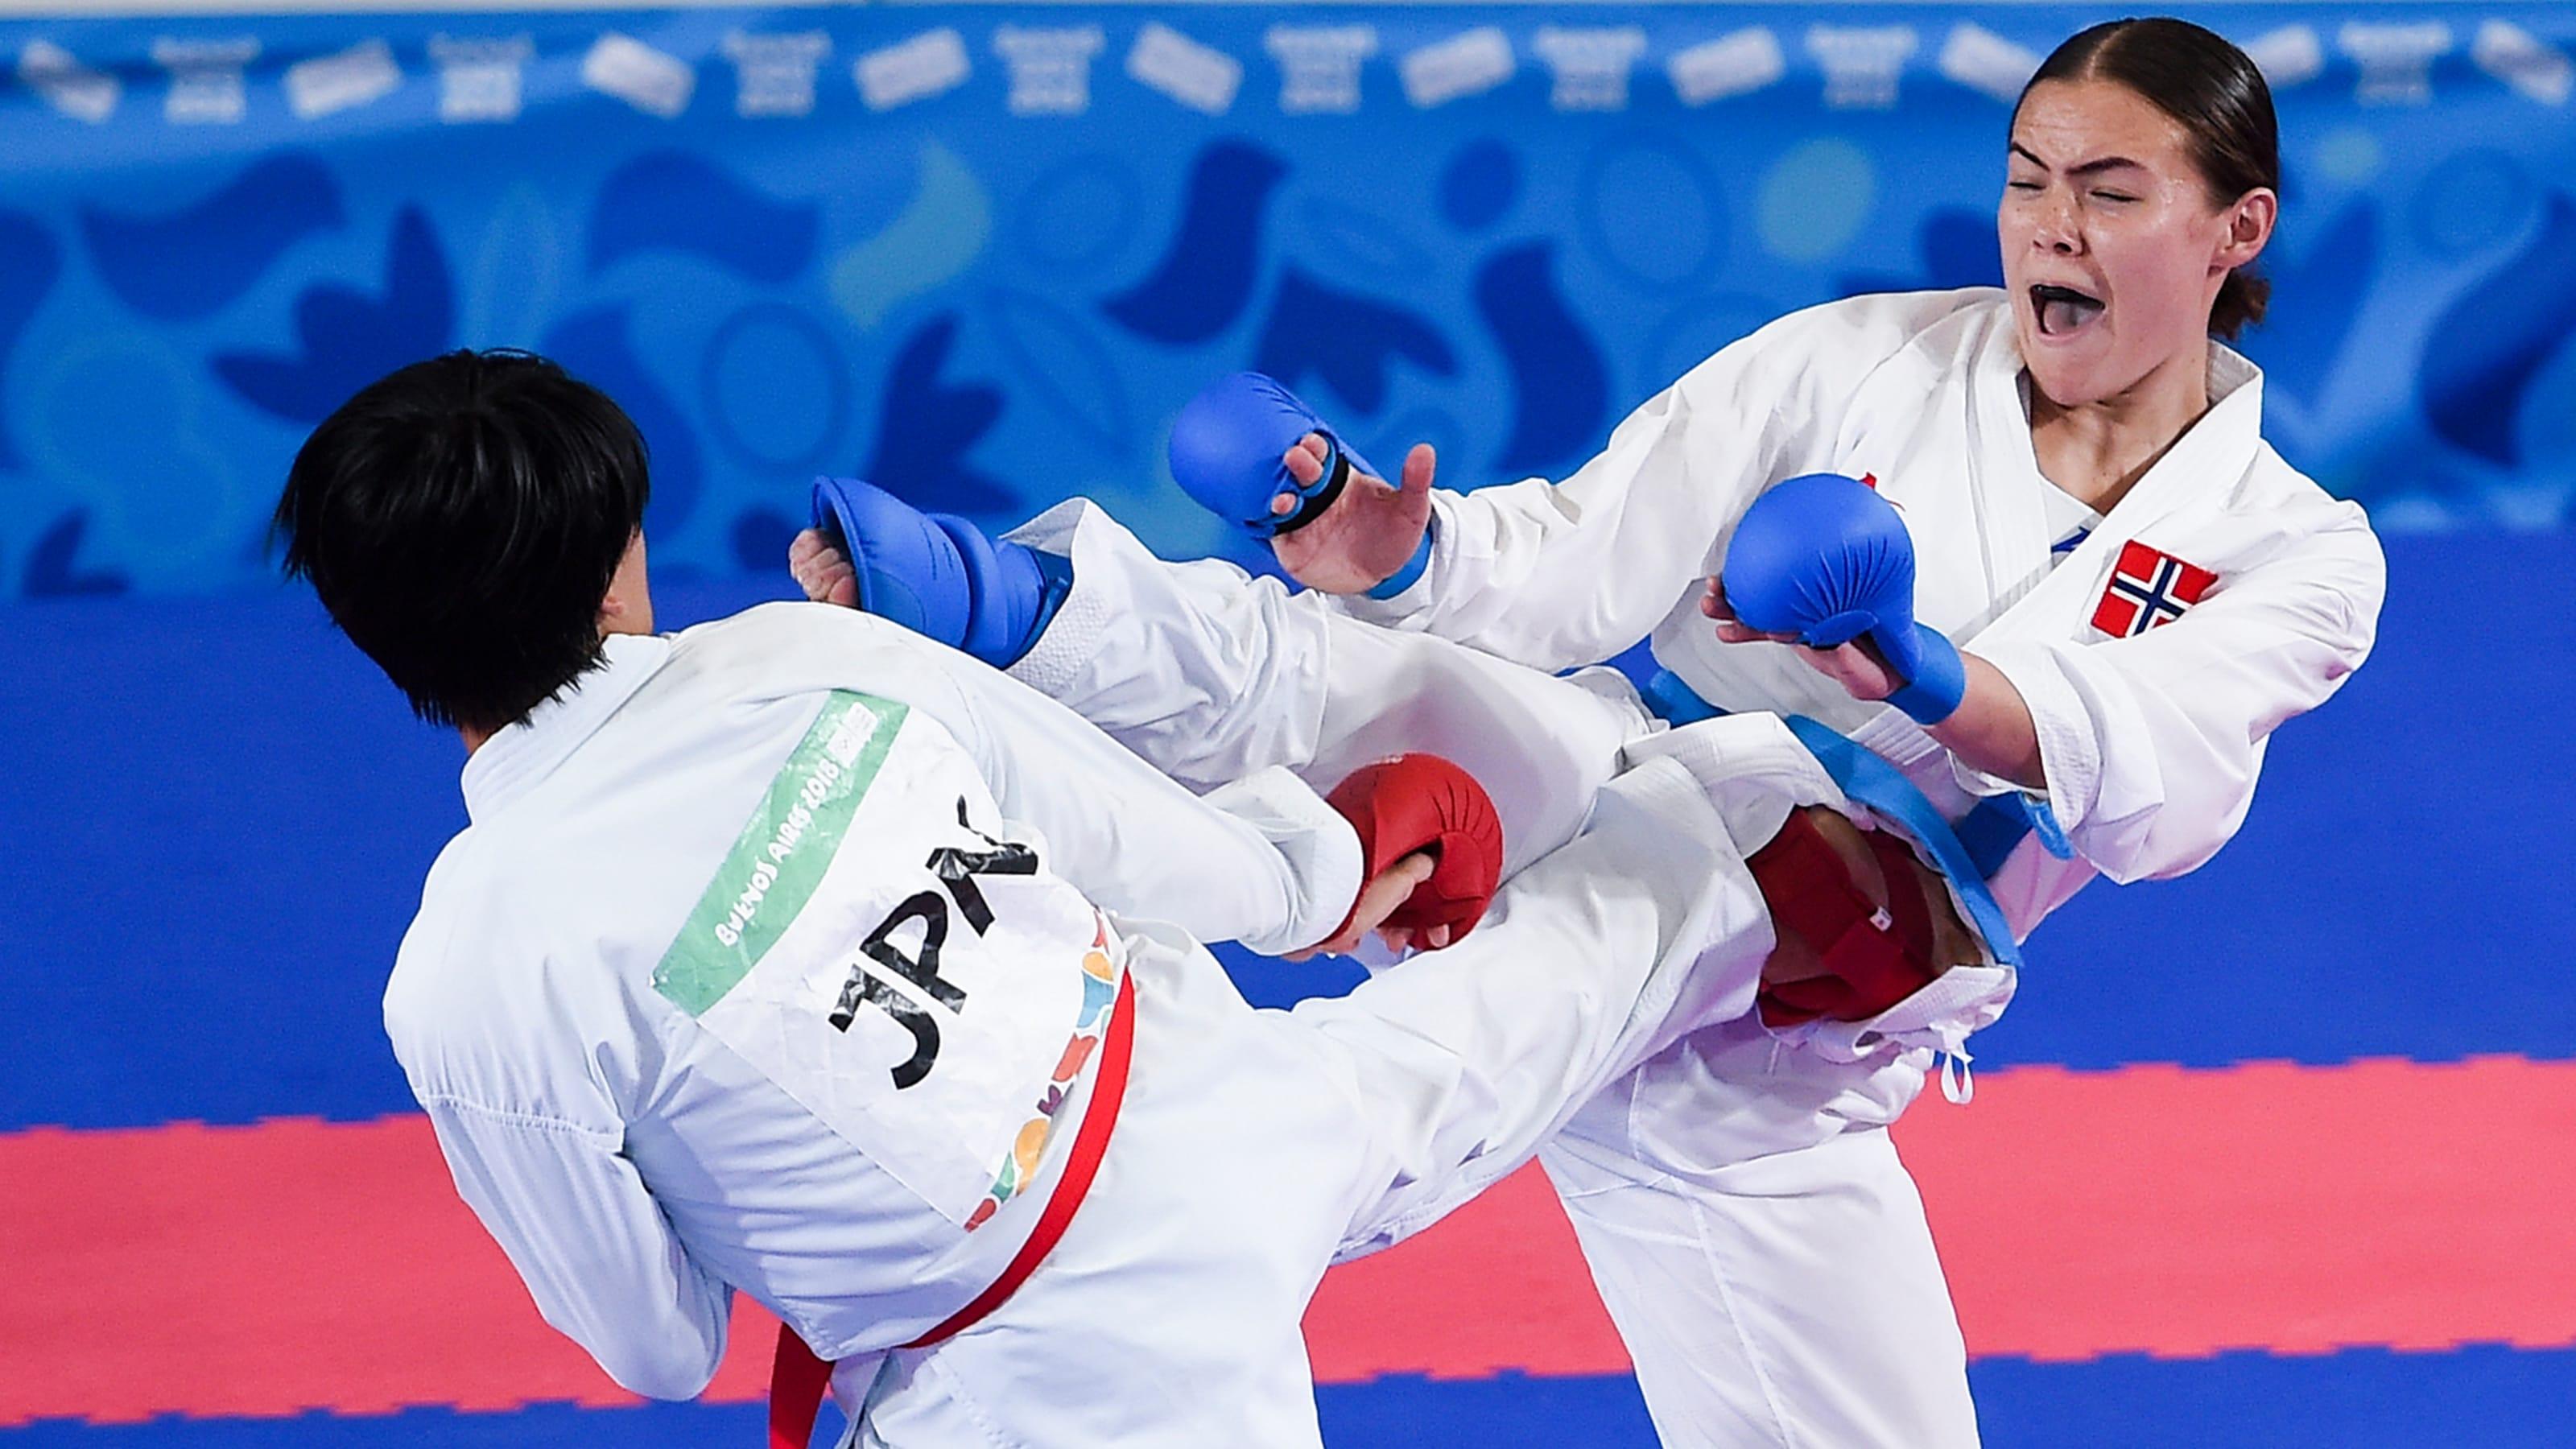 東京オリンピック出場枠争い】空手:欧州勢が 上位を占めるなか、日本勢も有力候補が代表入りを狙う